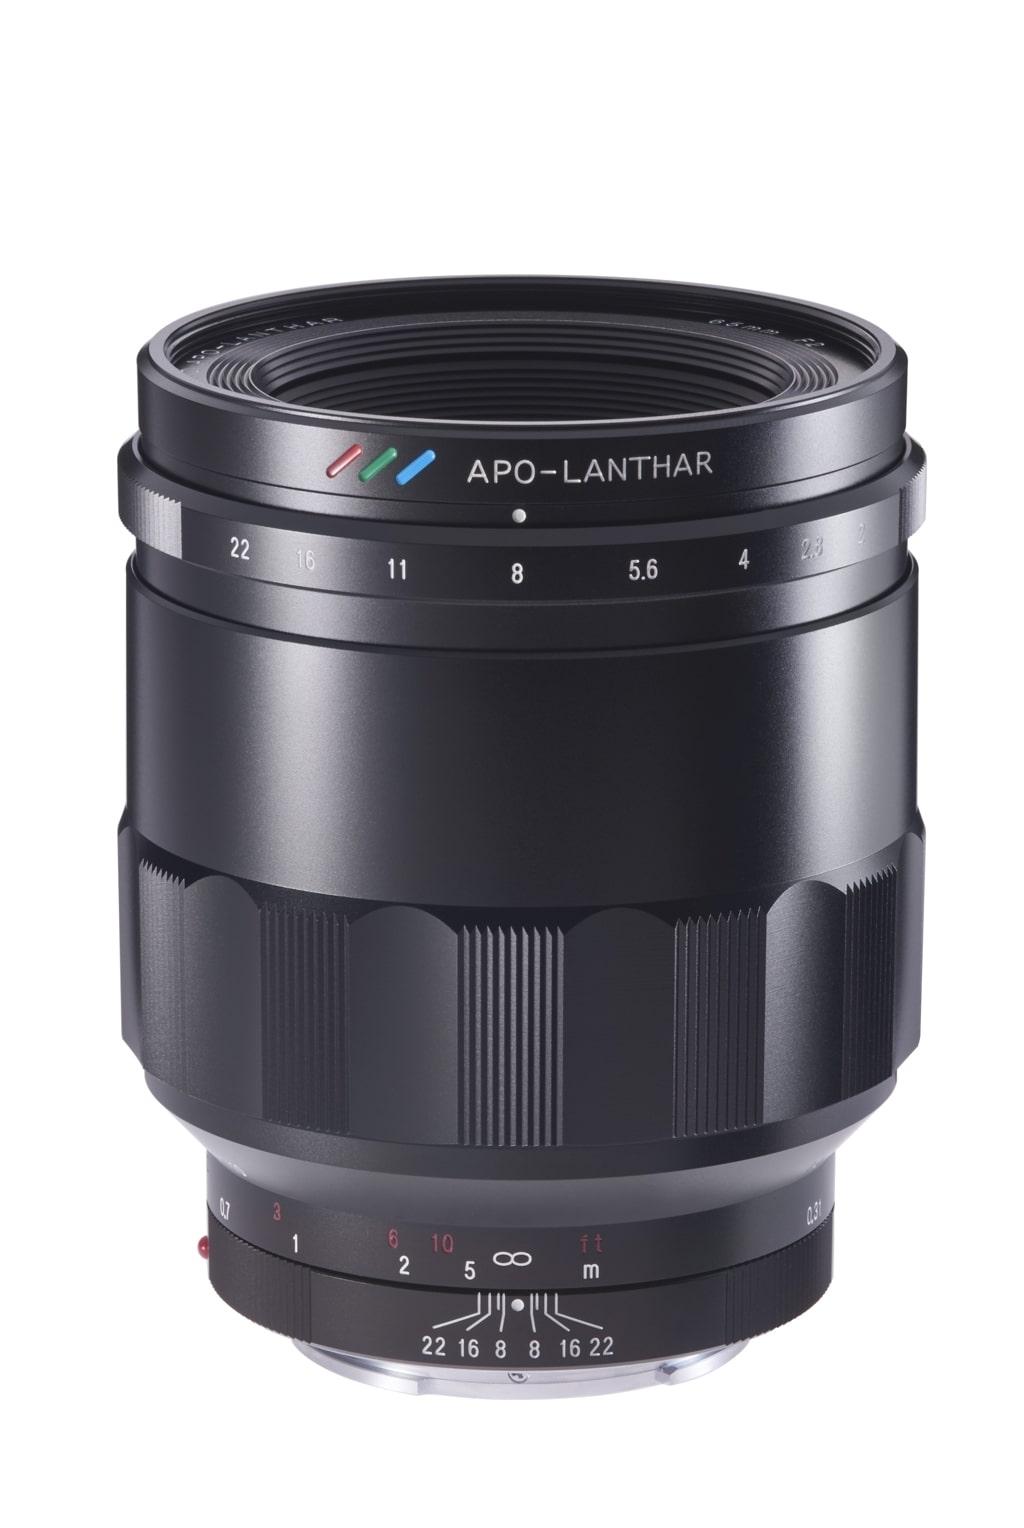 Voigtländer Sony E Mount 65mm 2,0 Macro APO Lanthara asphärisch schwarz